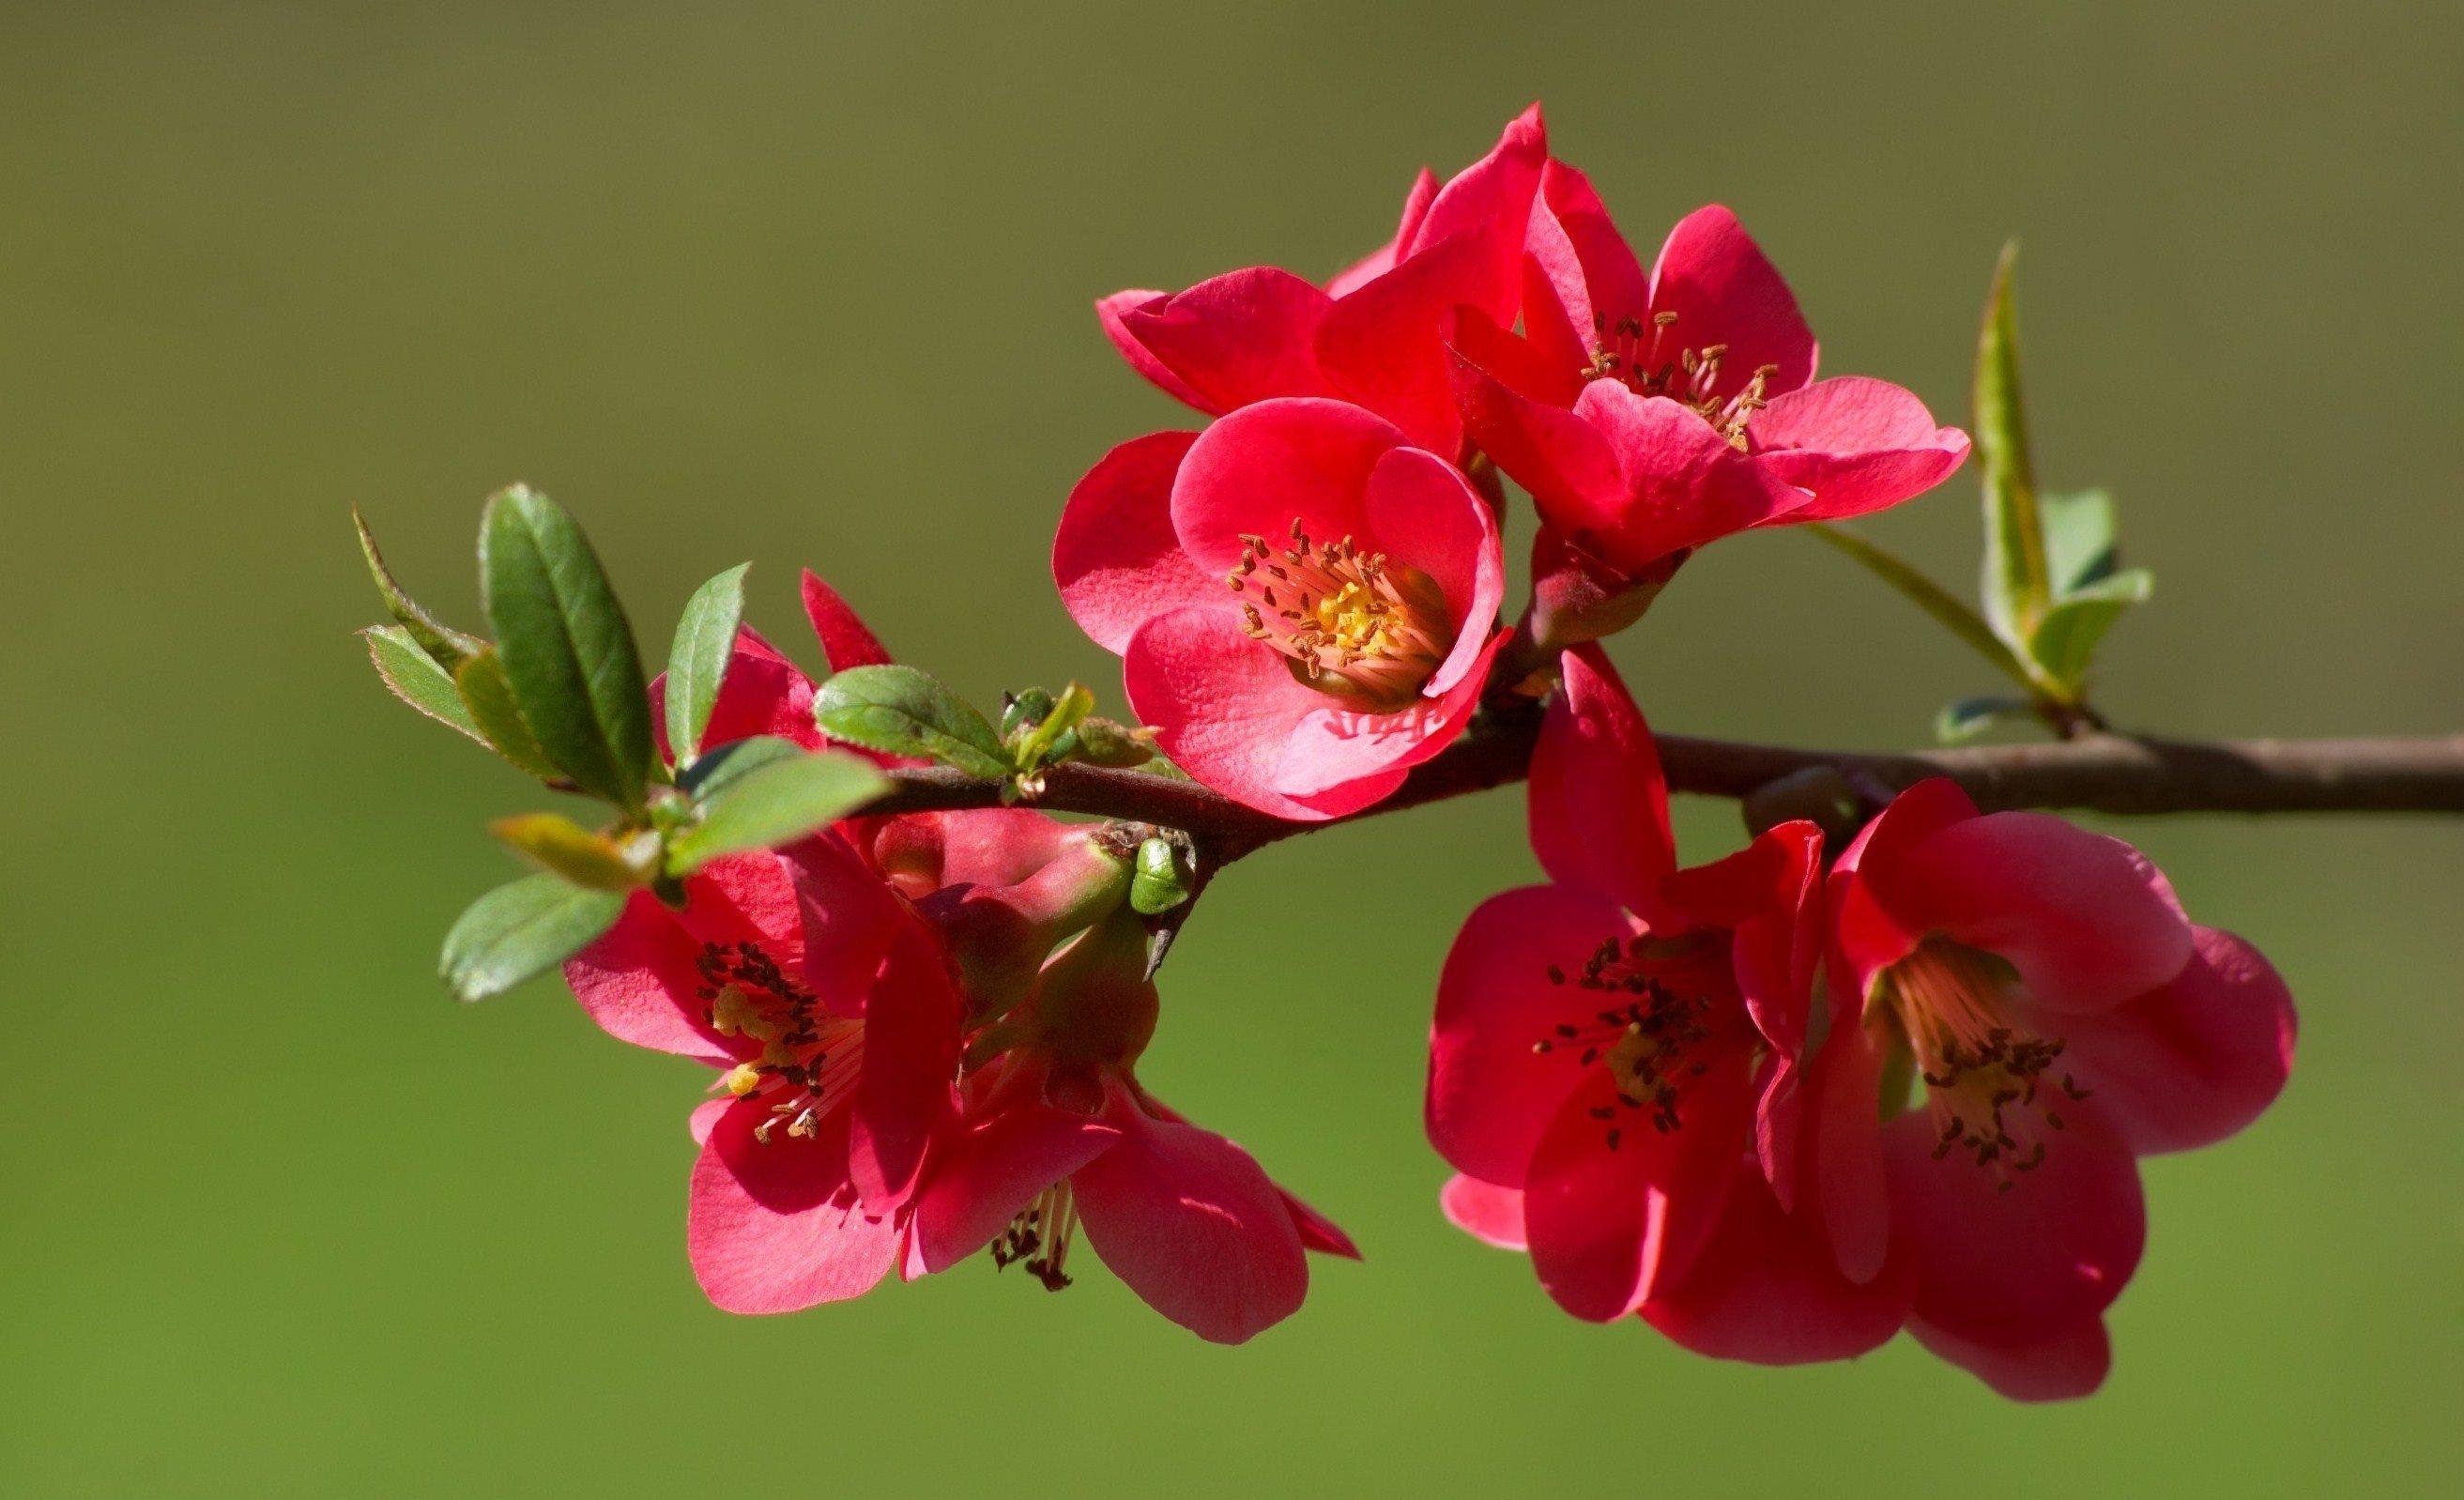 красивые цветы на ветке фото